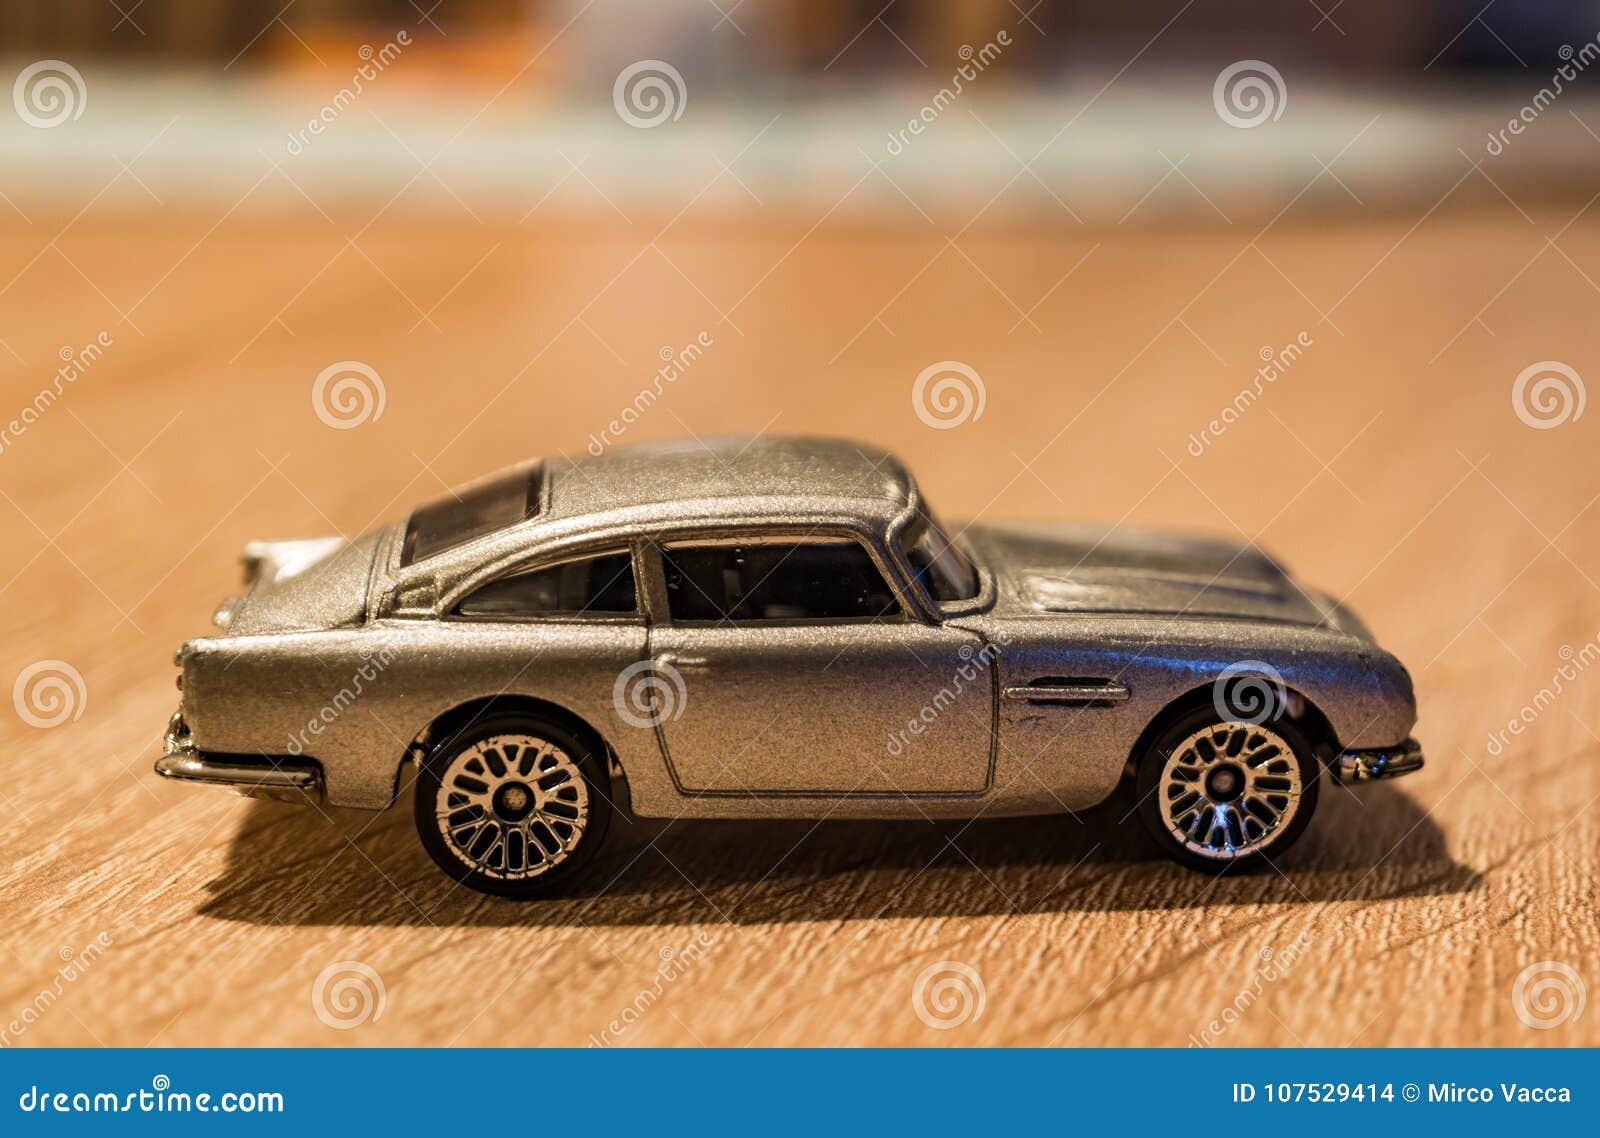 Toy Aston Martin